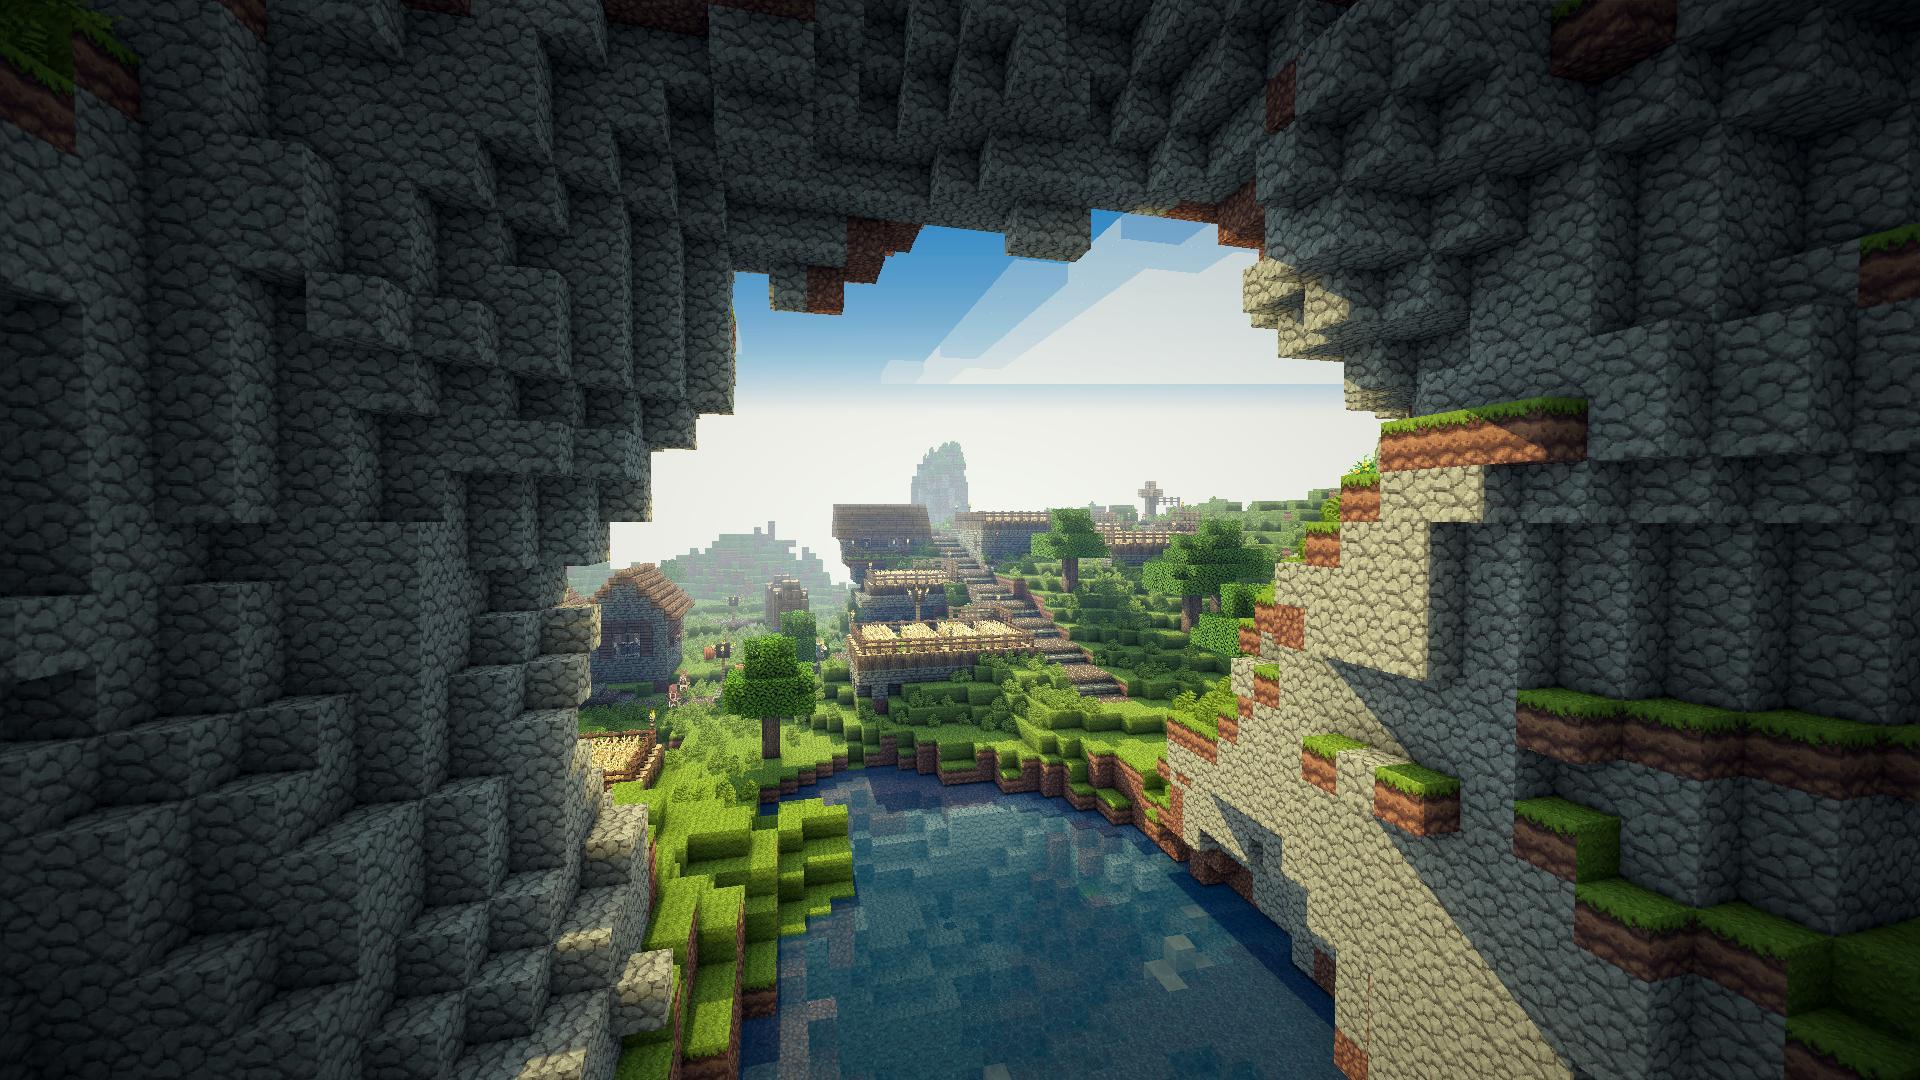 Minecraft quiz: Take the BoxMash Minecraft test